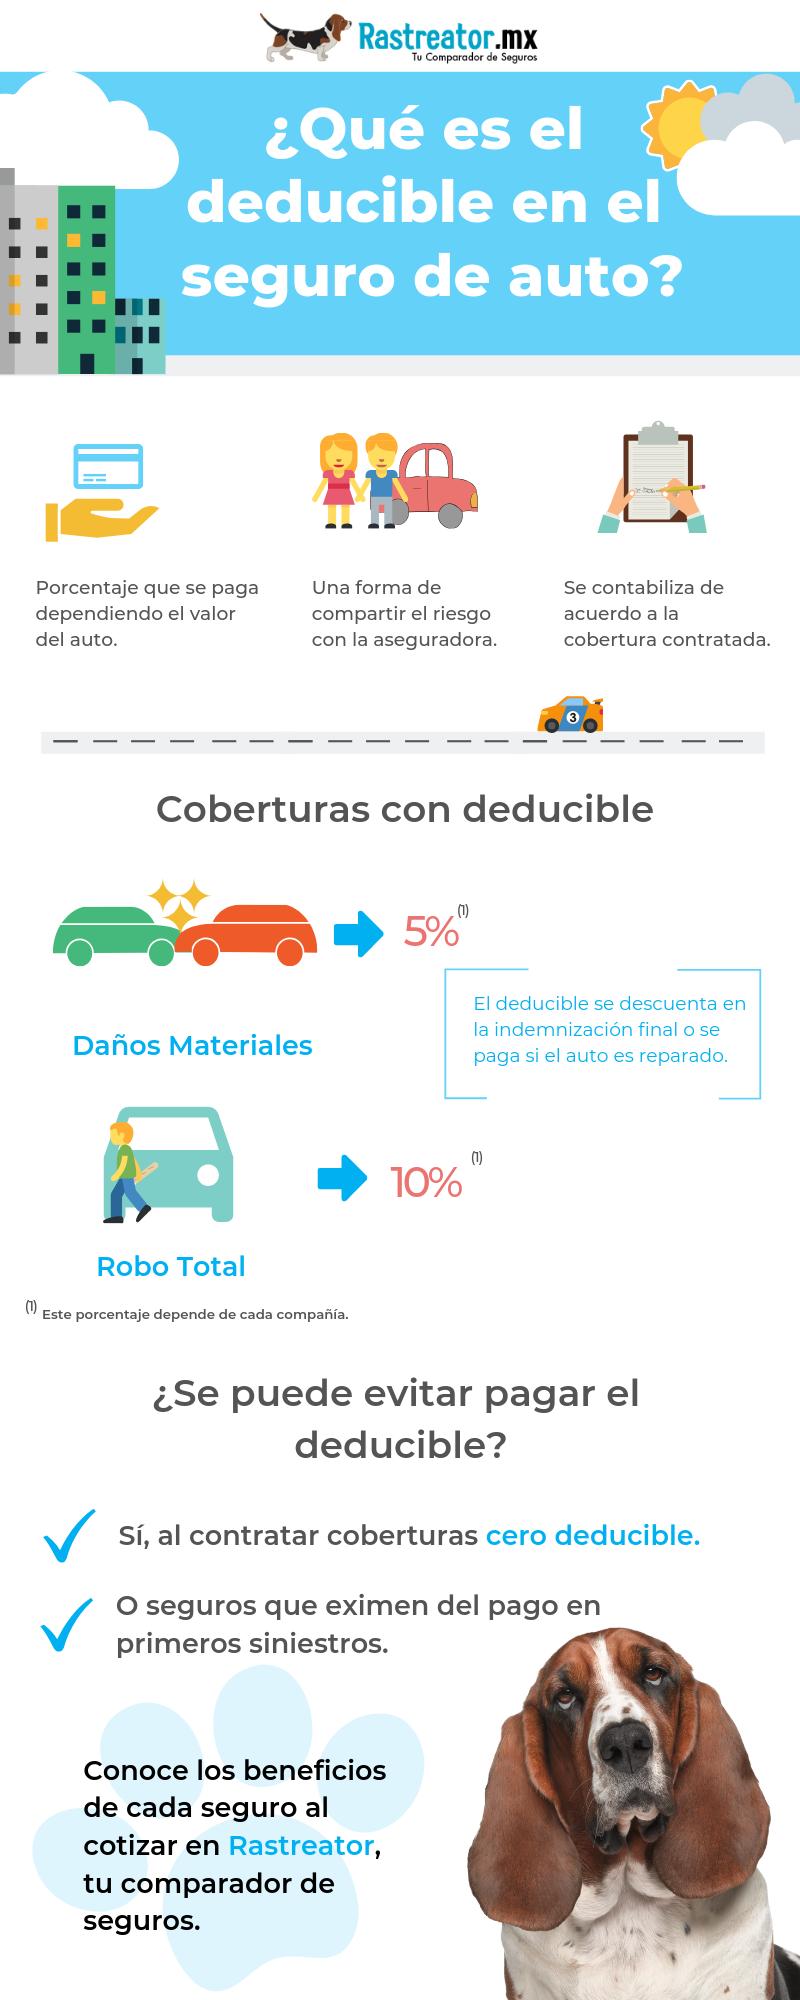 Sabes Que Es El Deducible En El Seguro De Auto Descúbrelo Seguro De Auto Agencia De Seguros Imagenes De Ahorro